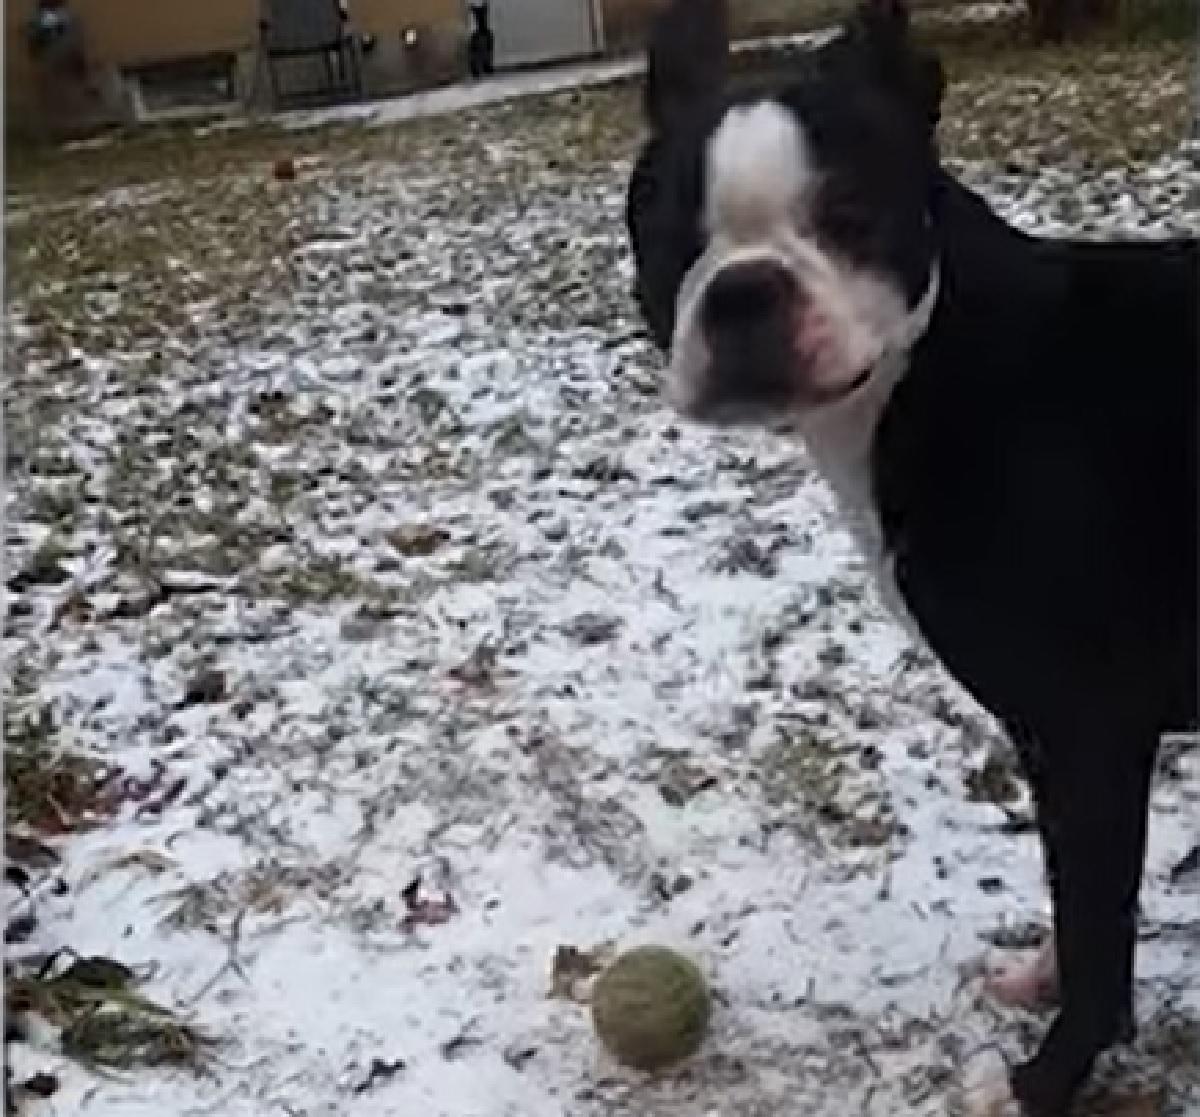 Il cucciolo Boston Terrier ha problemi nel giocare con la sua pallina preferita, il video ci spiega perché